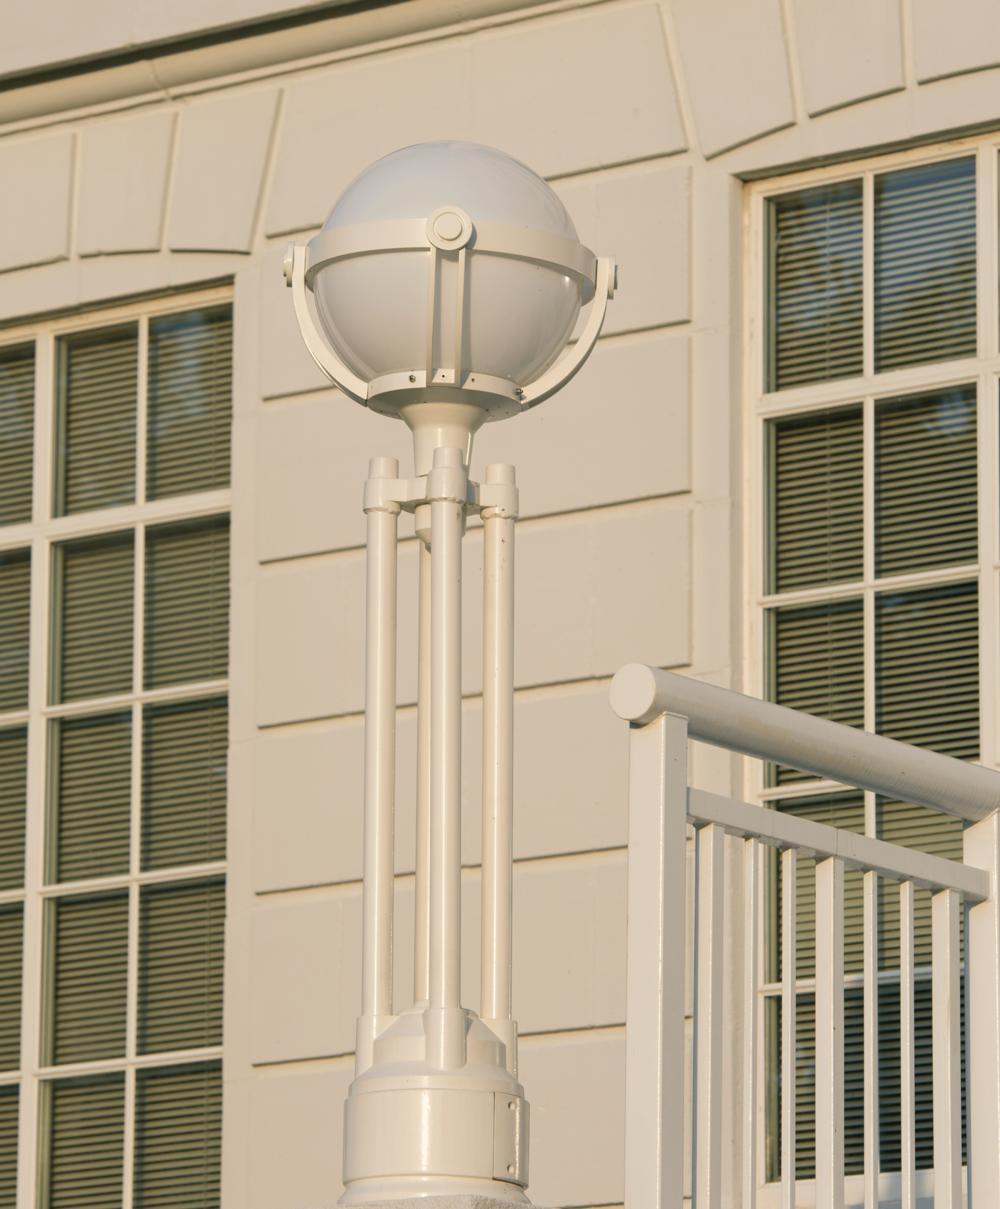 Lamp at entrance